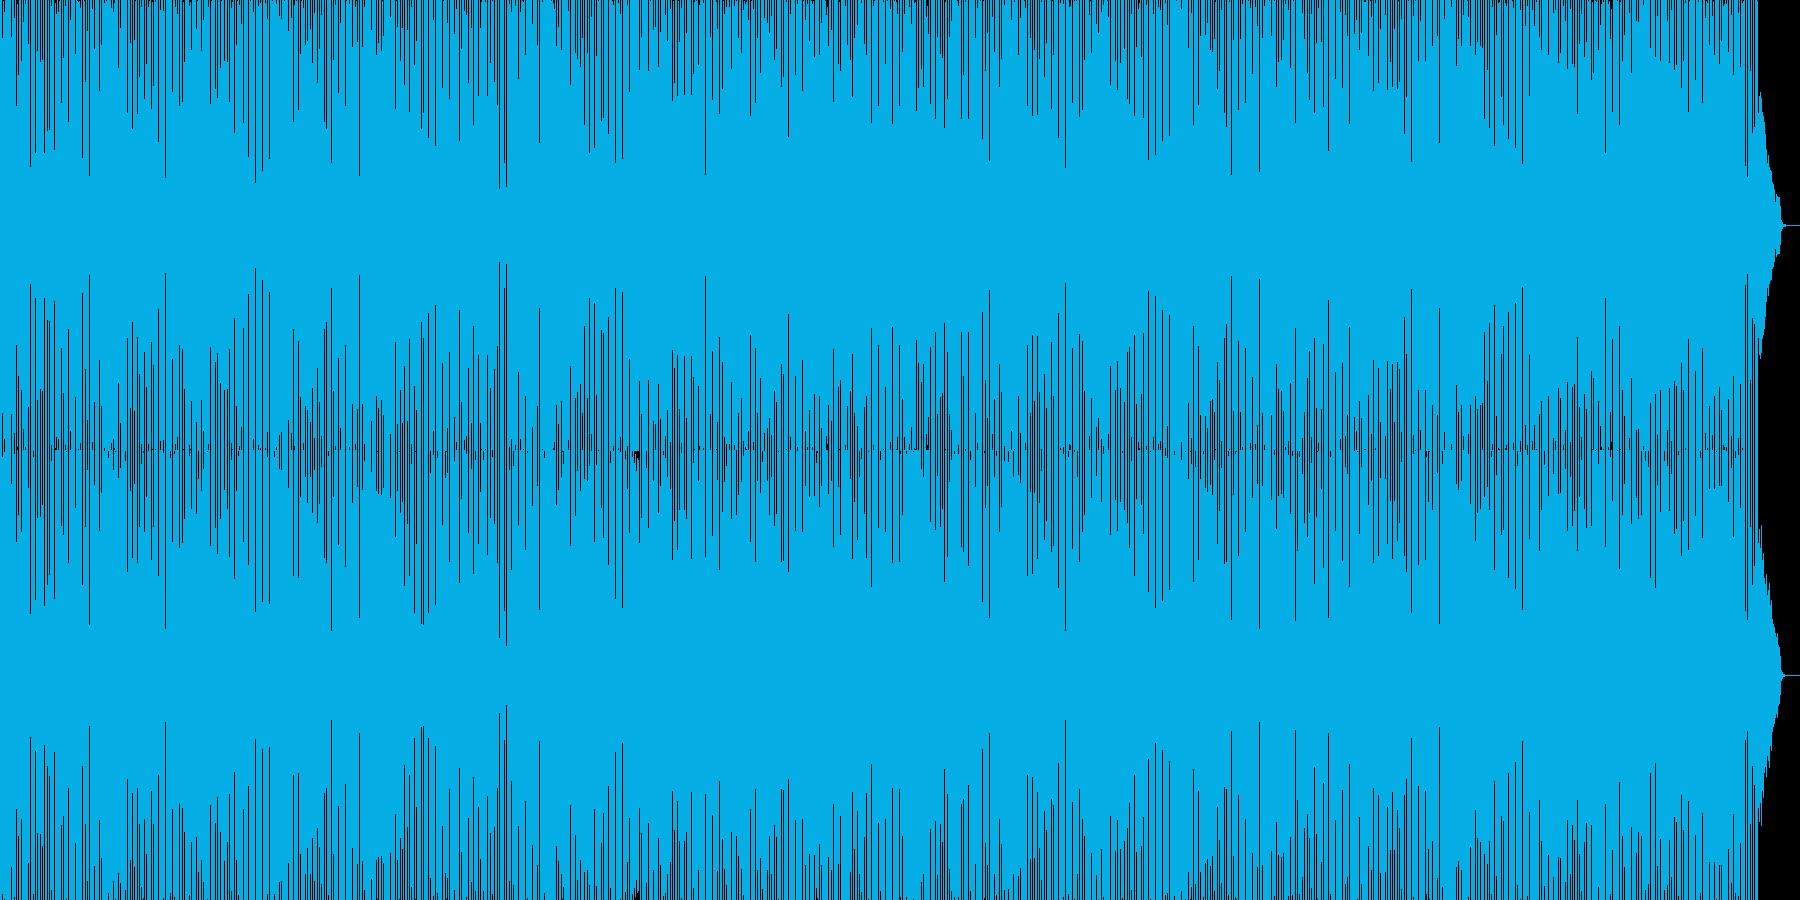 お洒落で軽快なエレクトロミュージックの再生済みの波形